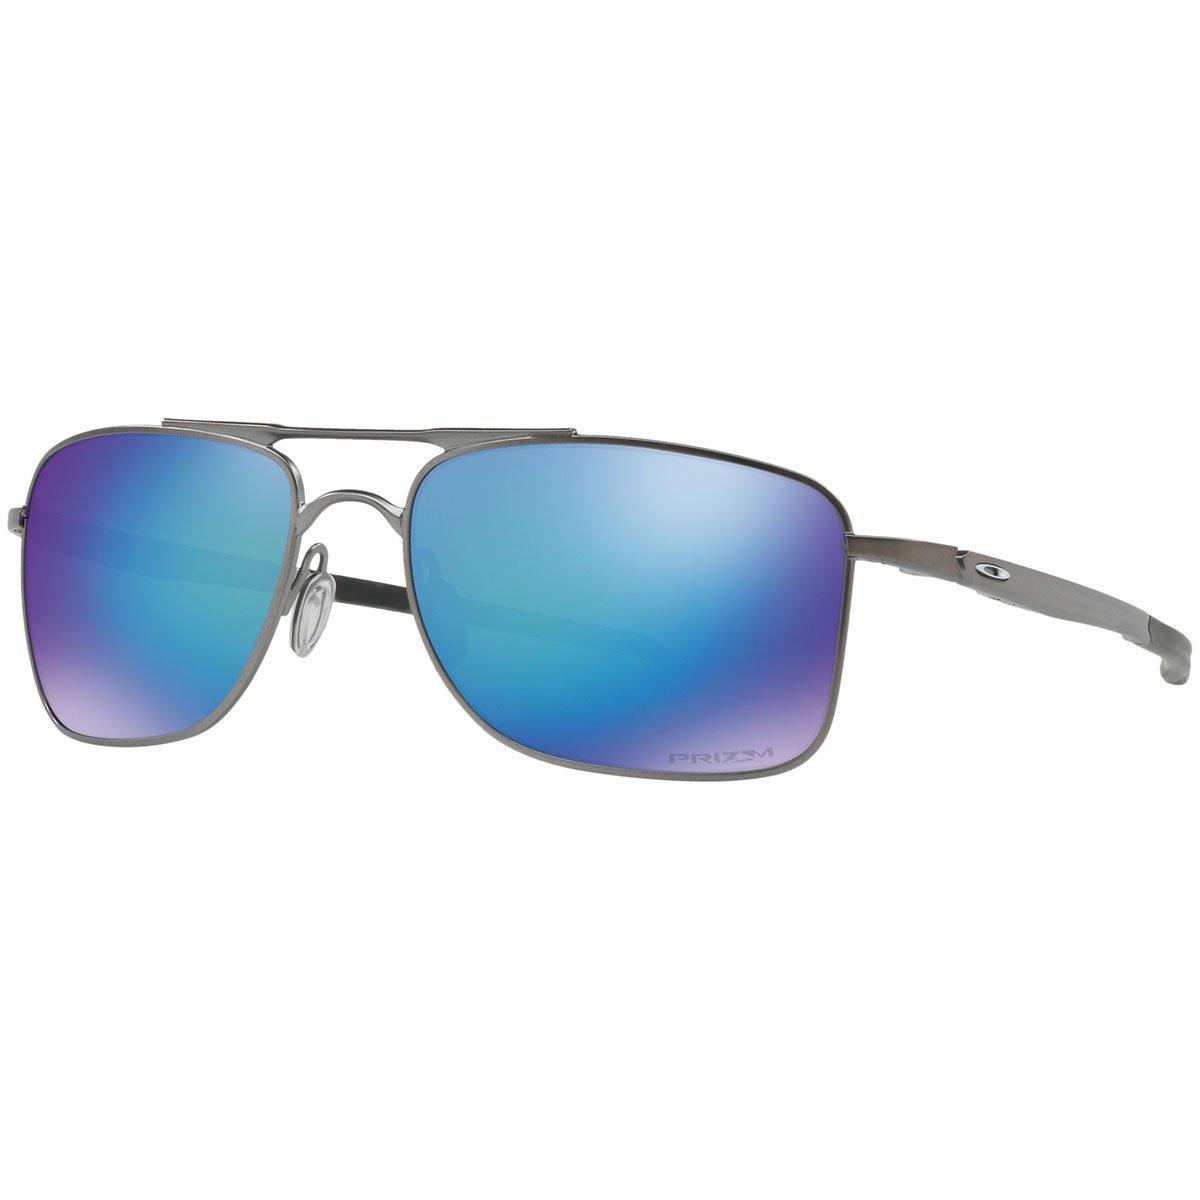 Oakley Men's OO4124 Gauge 8 Rectangular Metal Sunglasses, Matte Gunmetal/Prizm Sapphire Polarized, 62 mm by Oakley